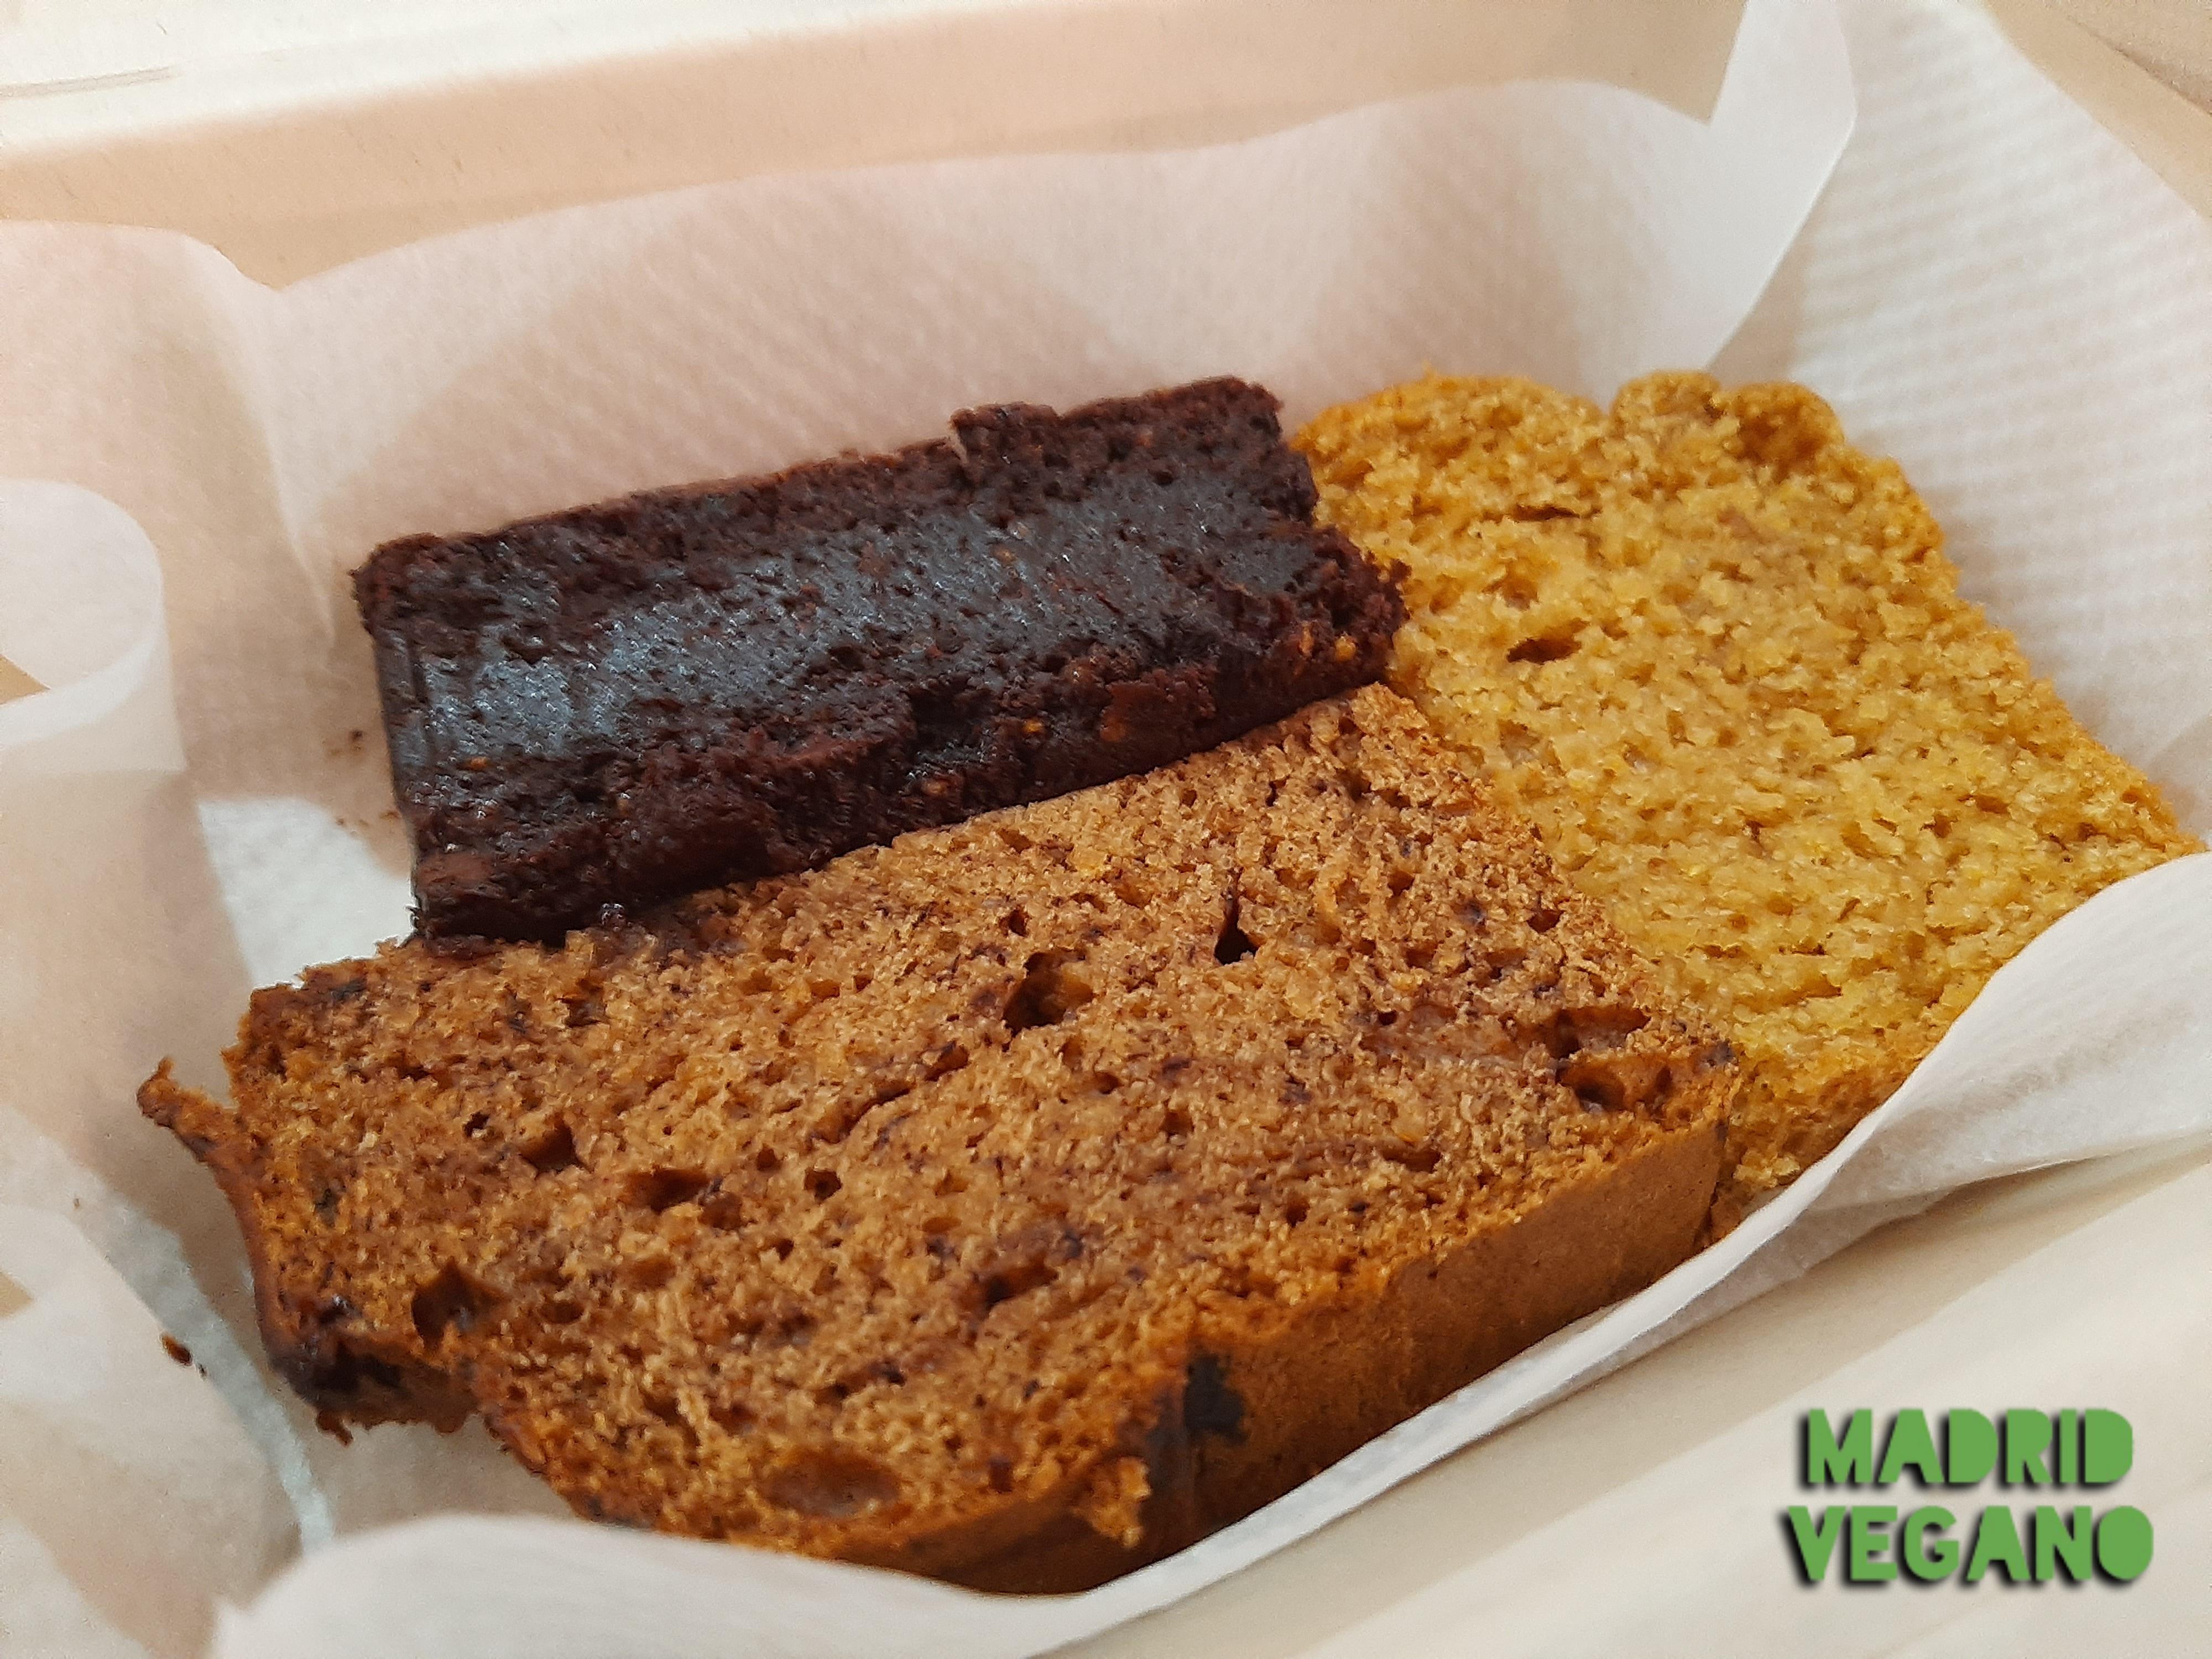 Mandarina Plant-Based Kitchen, cocina fusión vegana junto al Templo de Debod